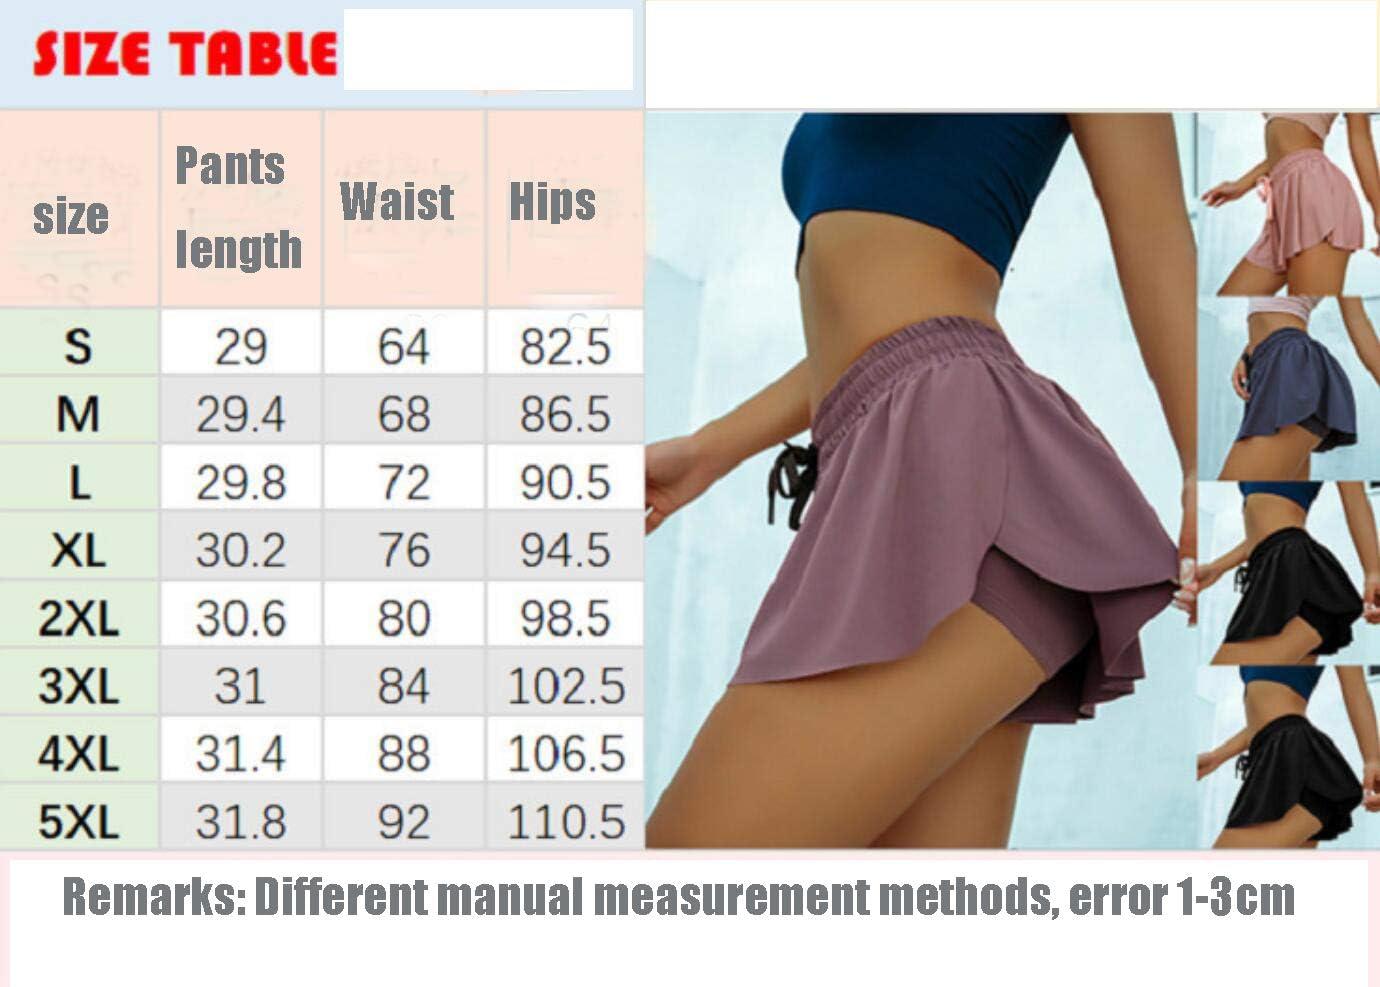 Pantalones Cortos de Yoga Pantalones Cortos de Ciclismo para Ciclistas Mujeres Pantalones Cortos de Secado r/ápido Marat/ón 2 en 1 Deportivos de Gimnasia SMACO Falda Activa para Mujer